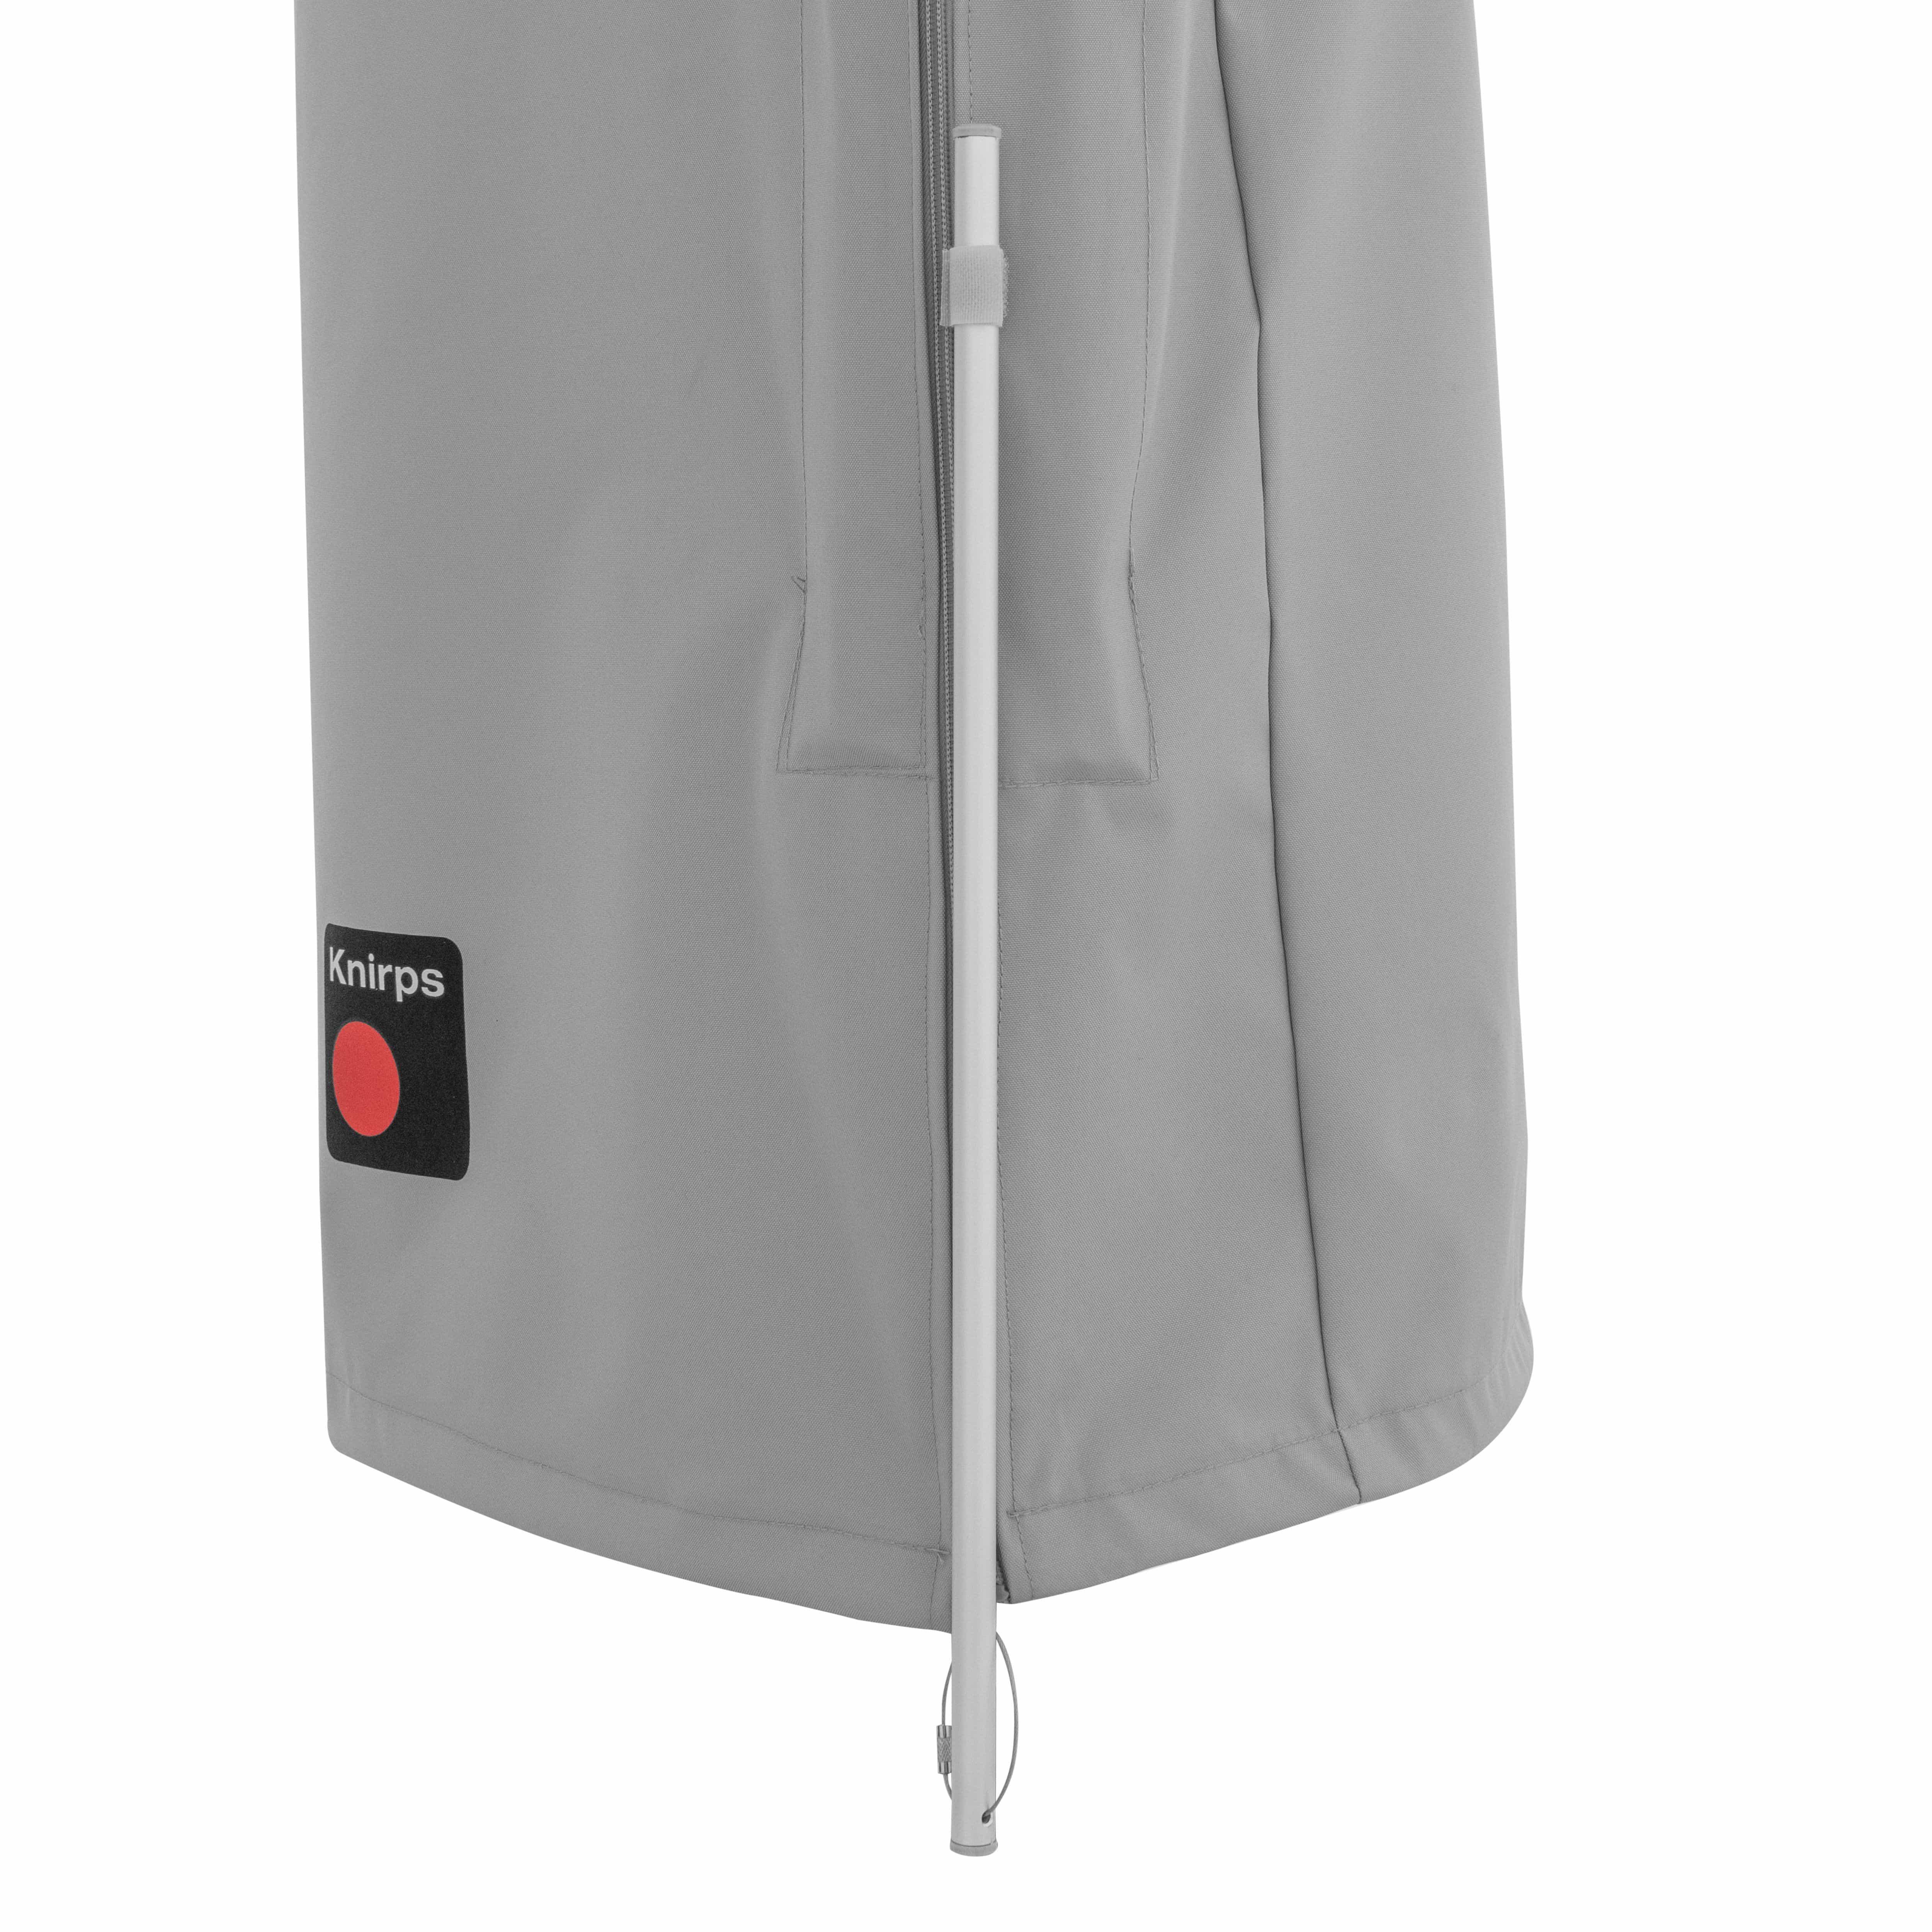 Knirps Parasol Schutzhülle für KNIRPS Pendelschirm 275x275 mit RV und Stab - photo 4